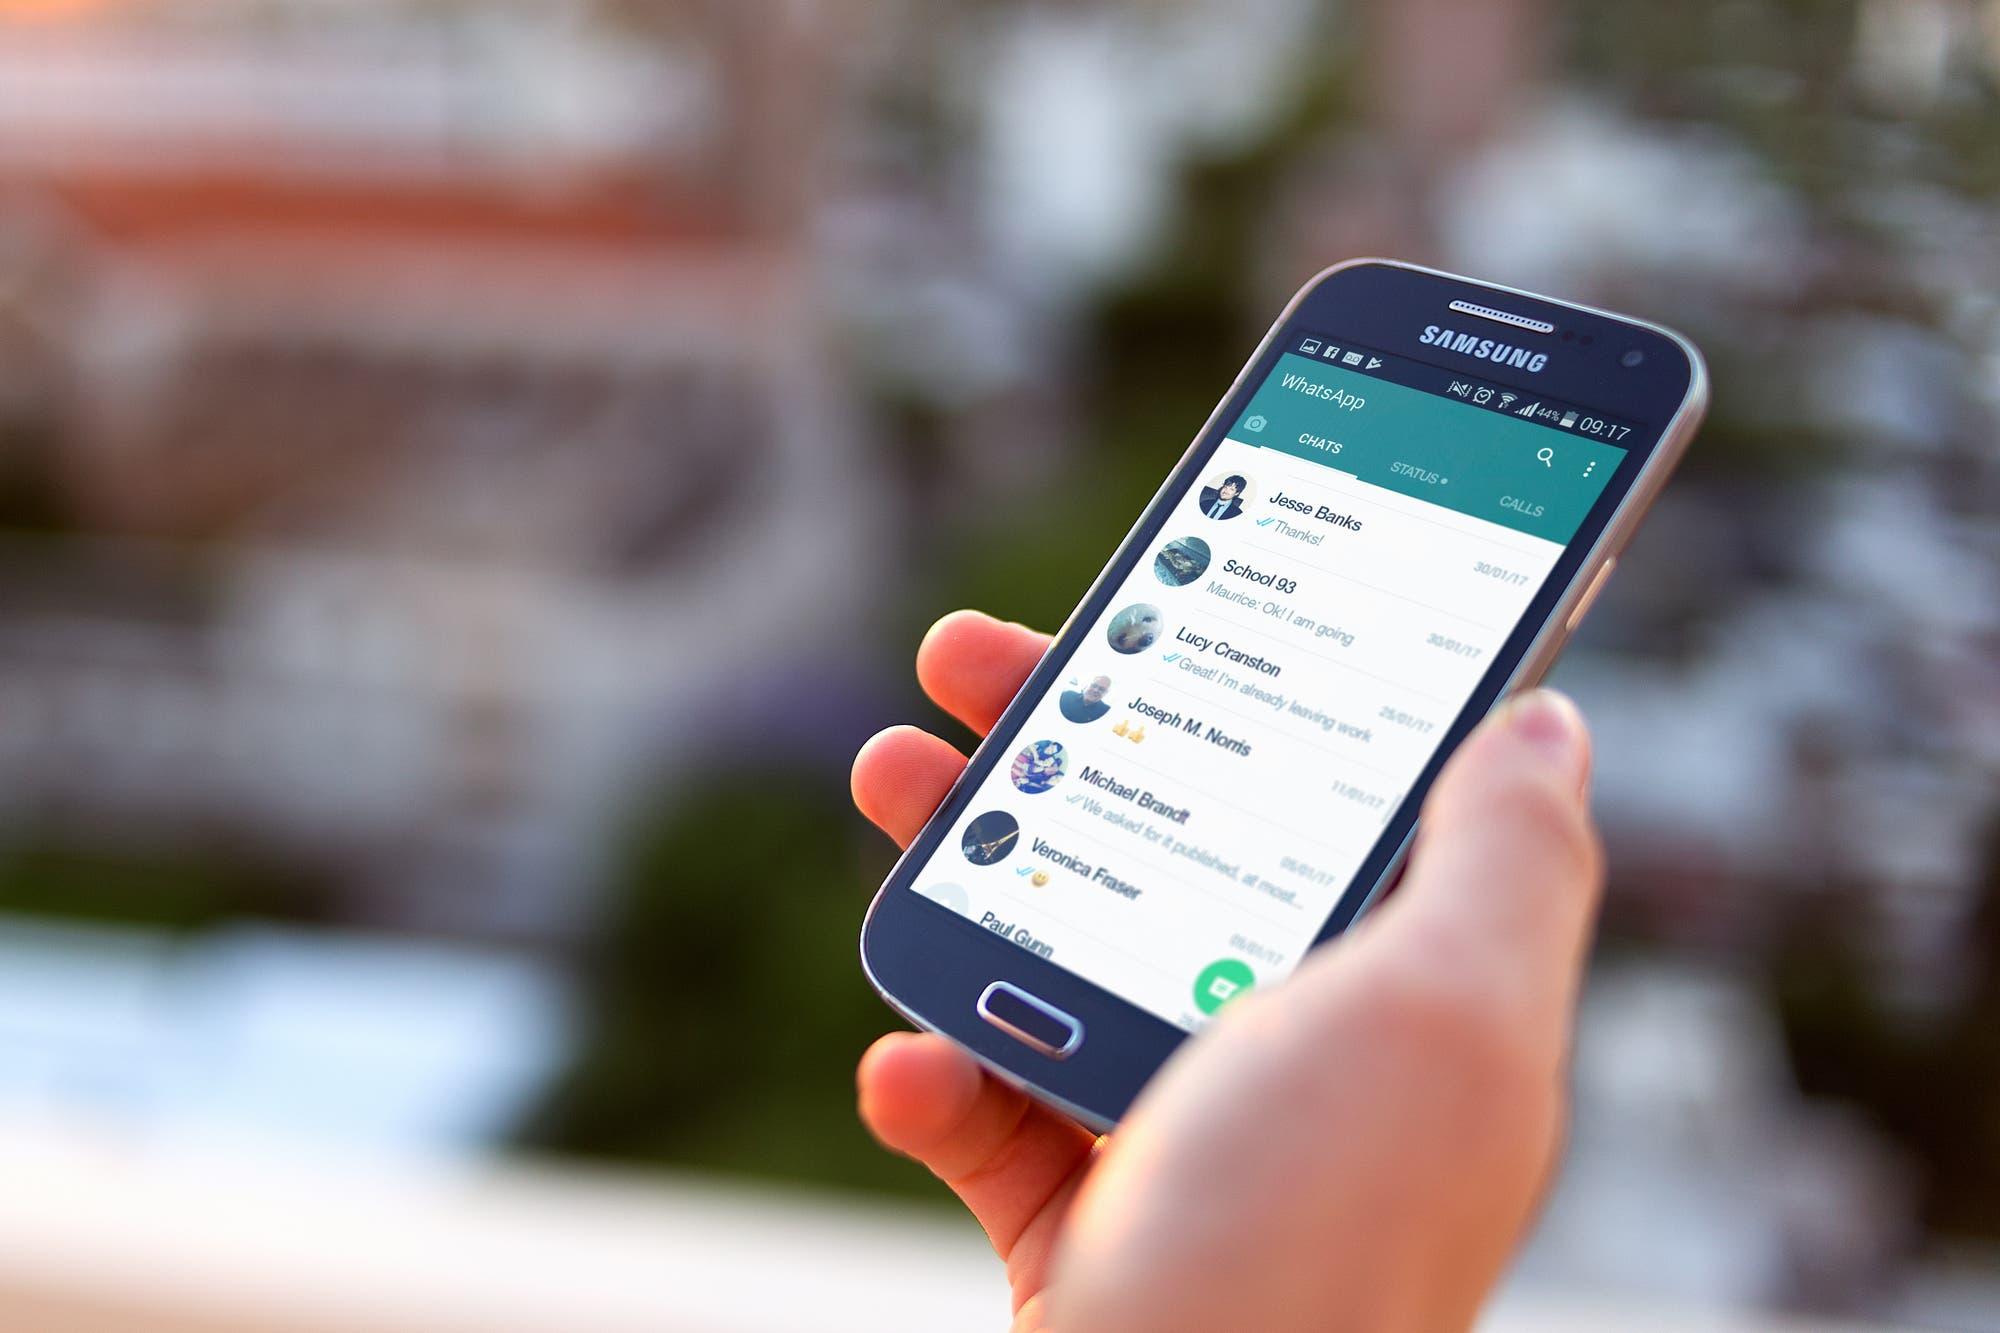 WhatsApp dejará de funcionar en estos teléfonos Android y iPhone en 2021